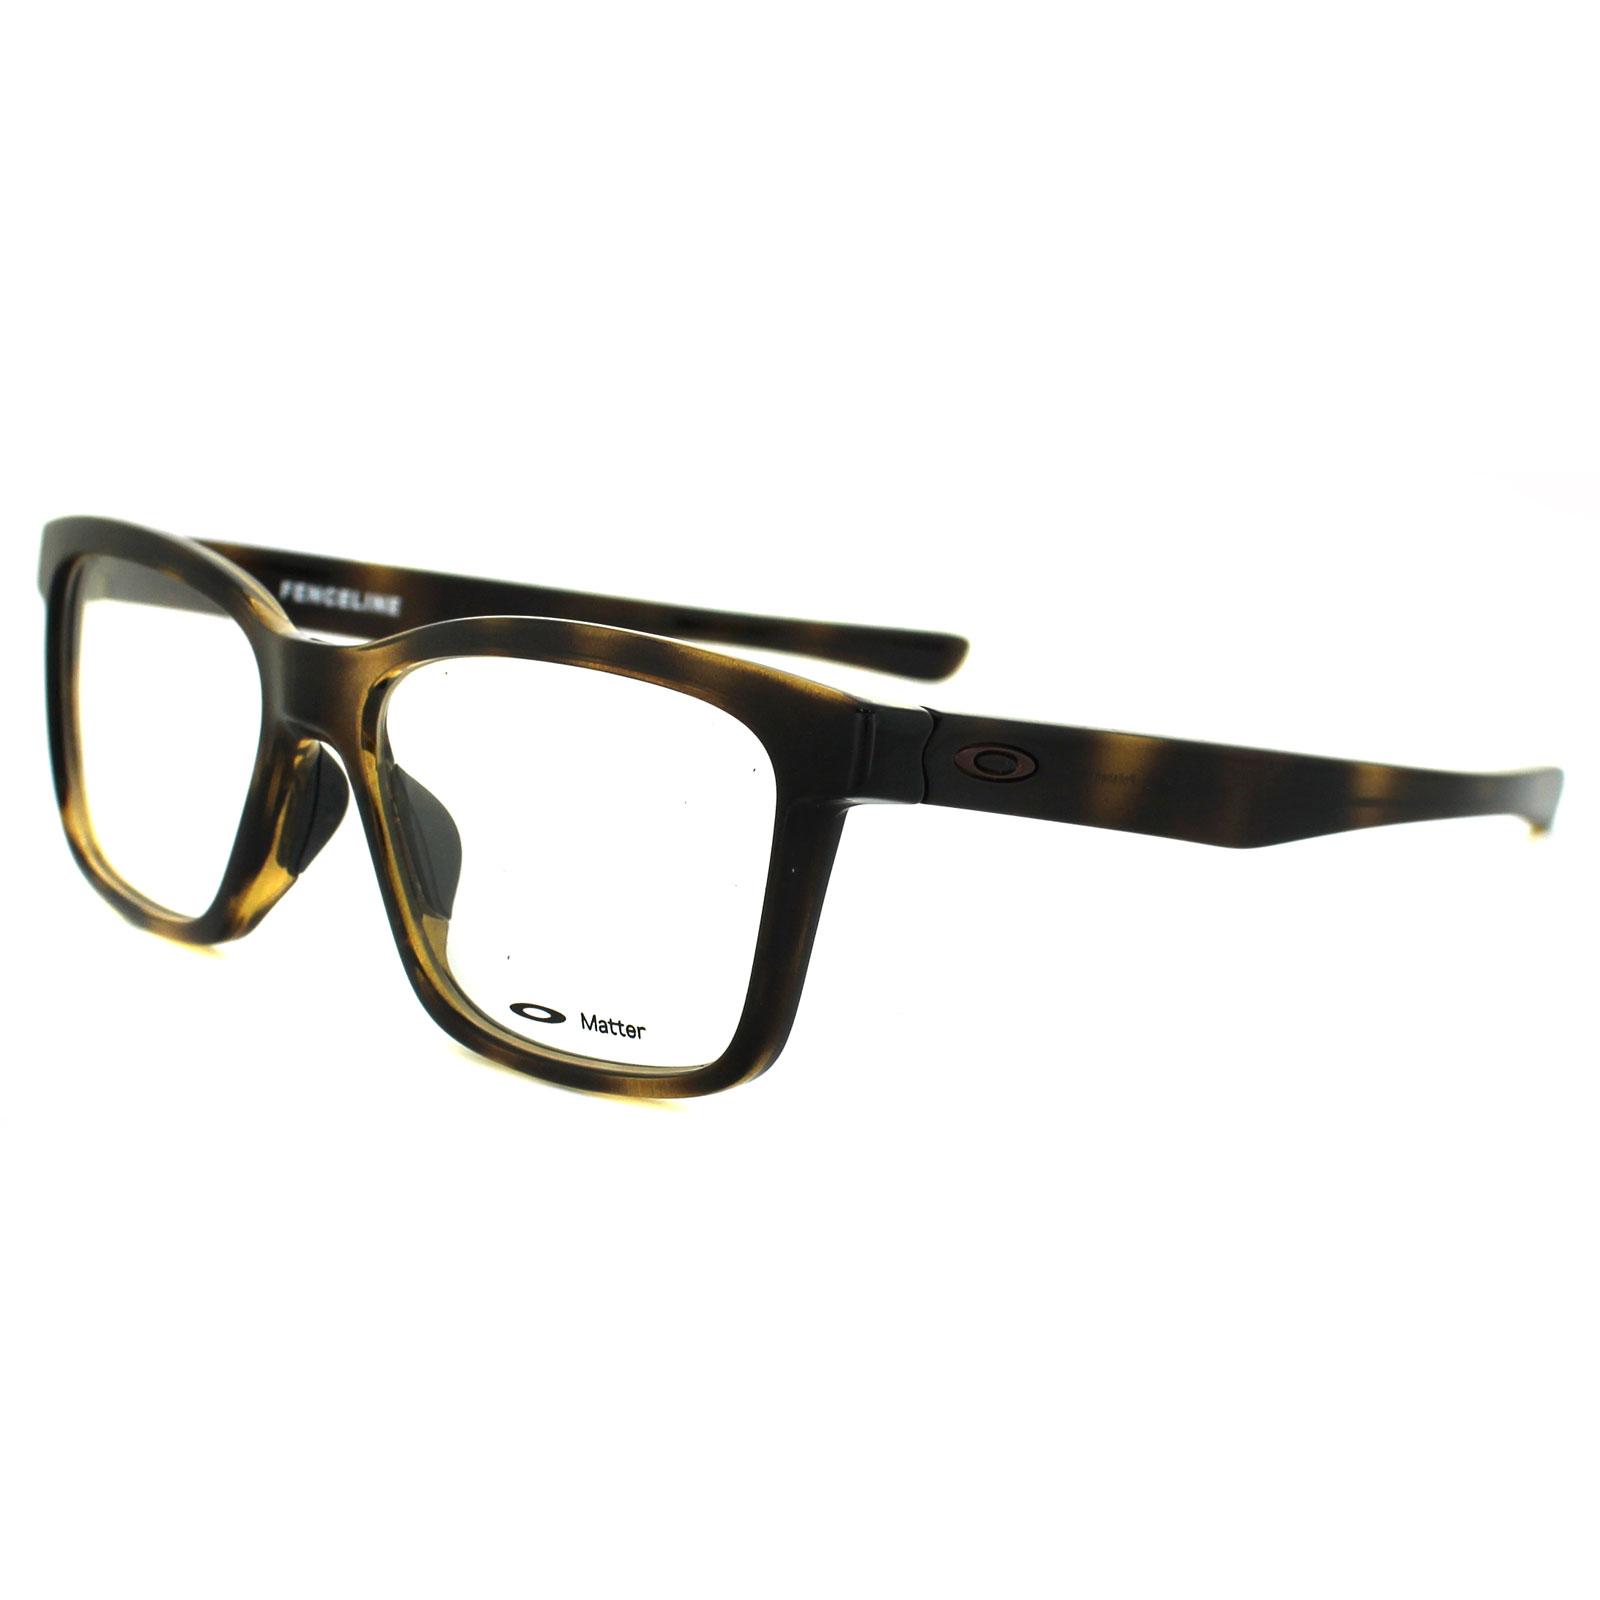 Eyeglass Frame Polish : Oakley Glasses Frames Fenceline OX8069-02 Polished ...